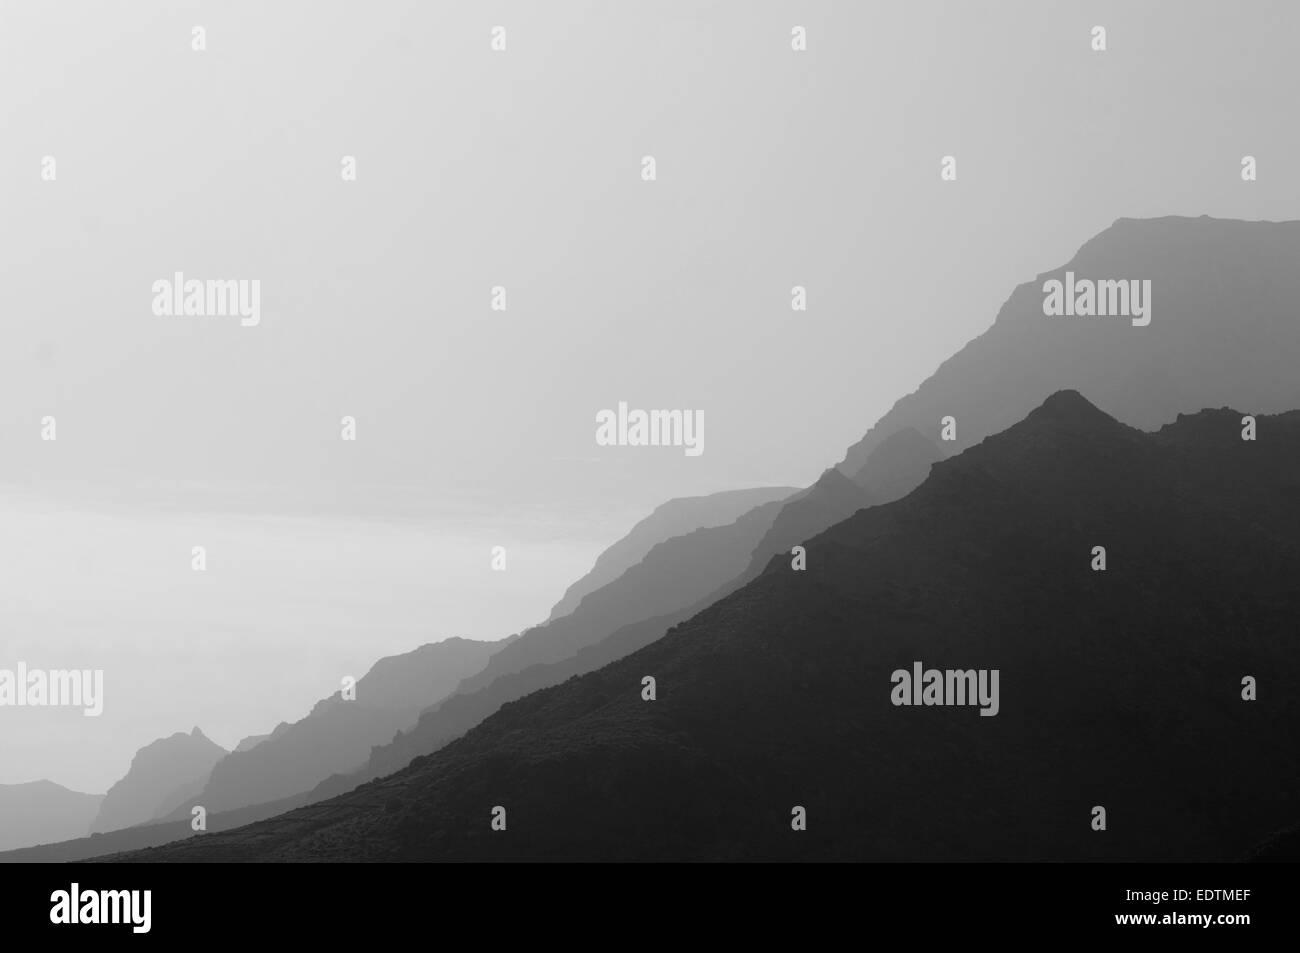 schroffe Berge Hügeln felsige Landschaft Landschaften Silhouette Silhouetten vulkanischen magmatischen Rock Stockbild